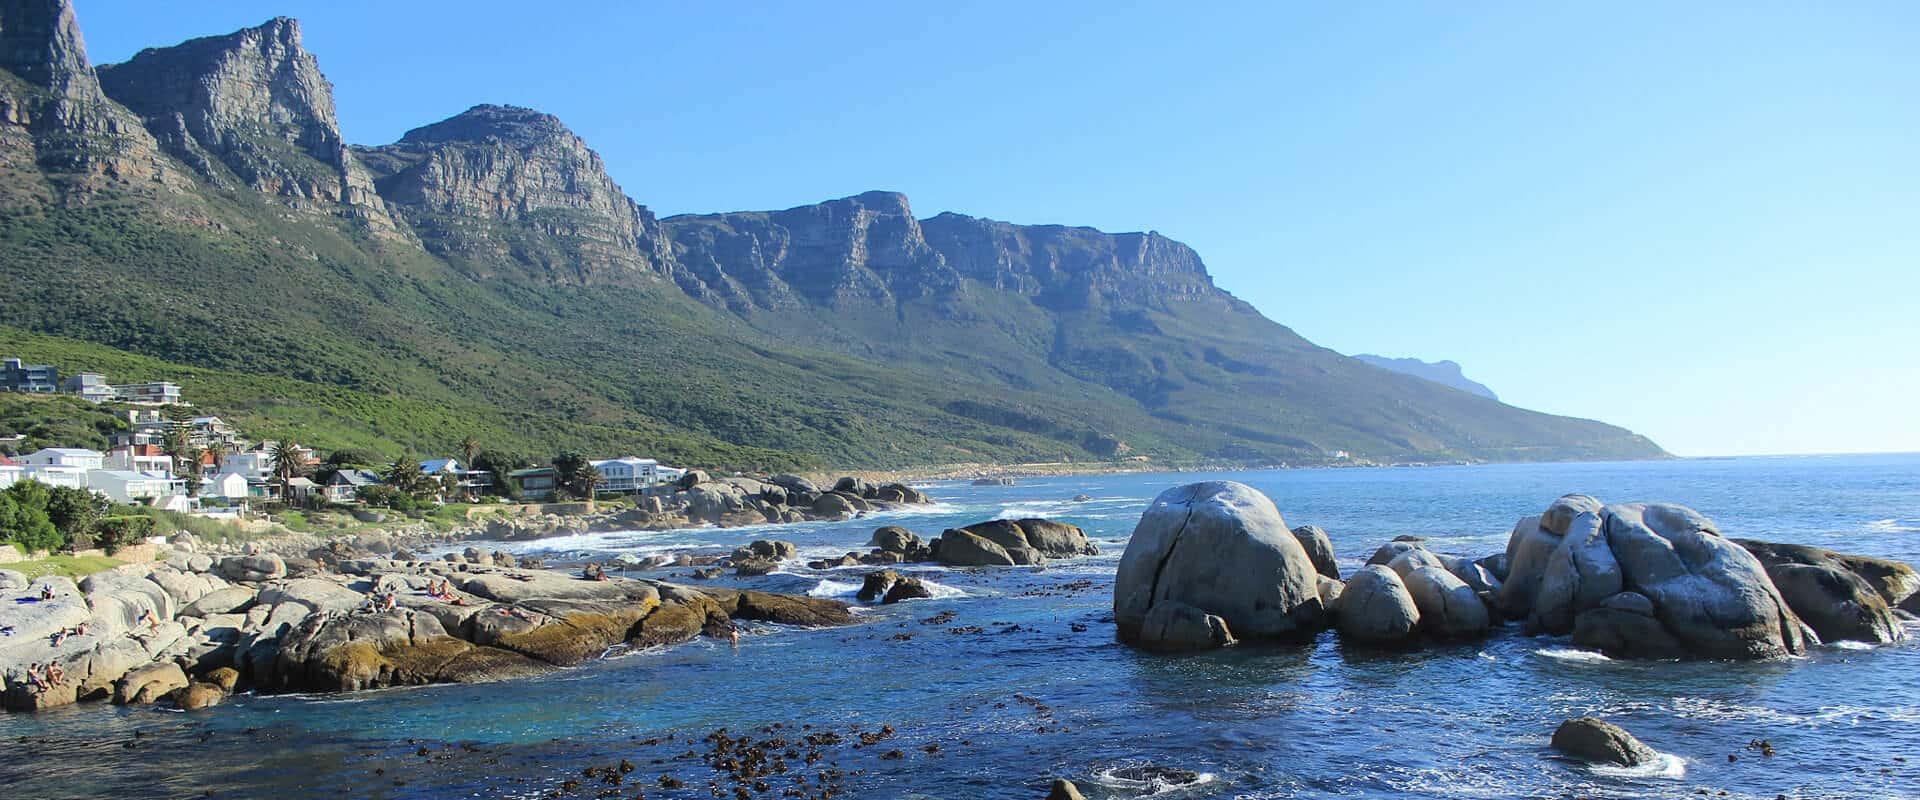 suedafrika-kapstadt-twelve-apostles